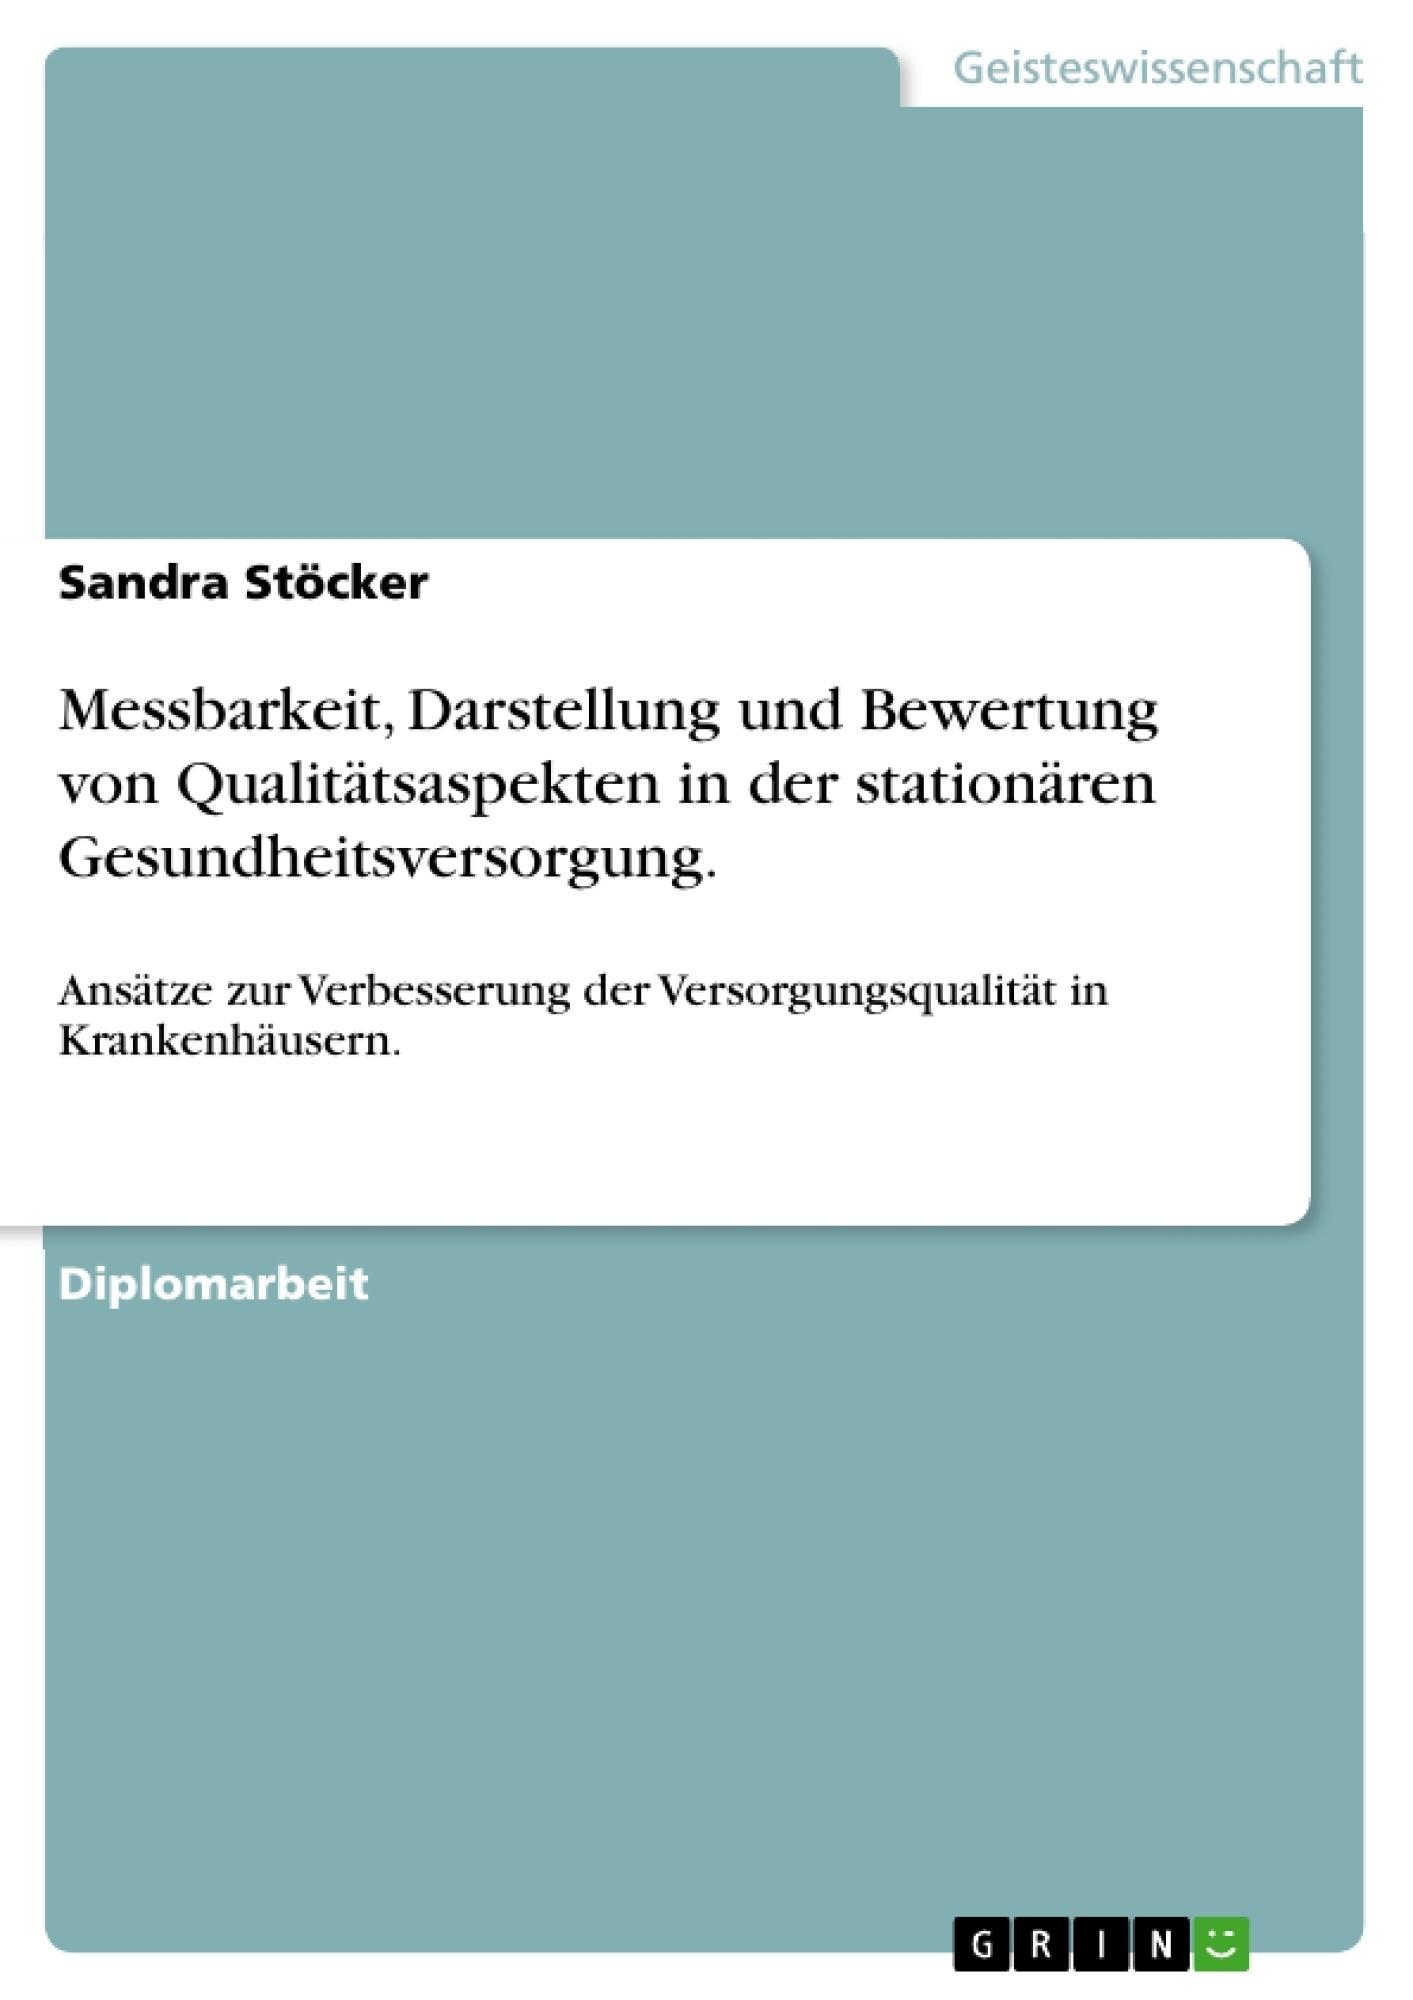 Titel: Messbarkeit, Darstellung und Bewertung von Qualitätsaspekten in der stationären Gesundheitsversorgung.